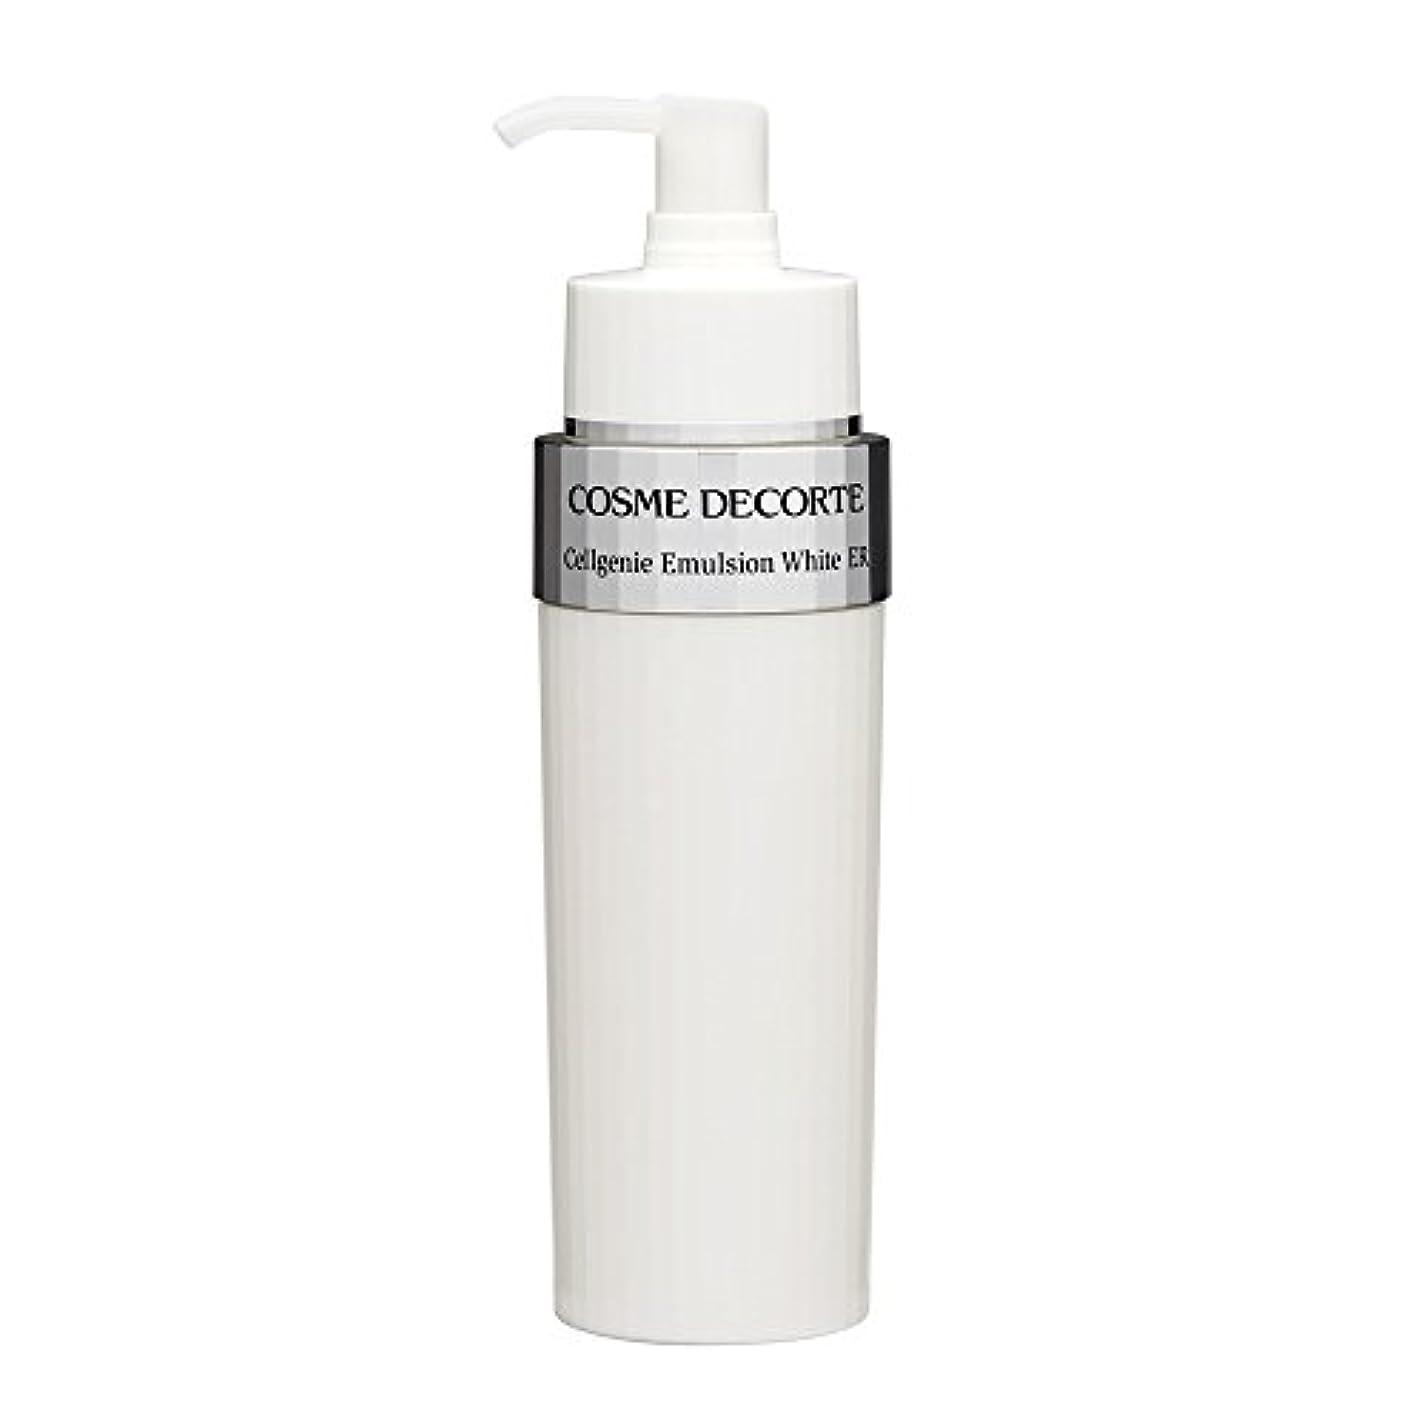 白いピラミッドアイドルCOSME DECORTE コーセー/KOSE セルジェニーエマルジョンホワイトER 200ml [362909] [並行輸入品]